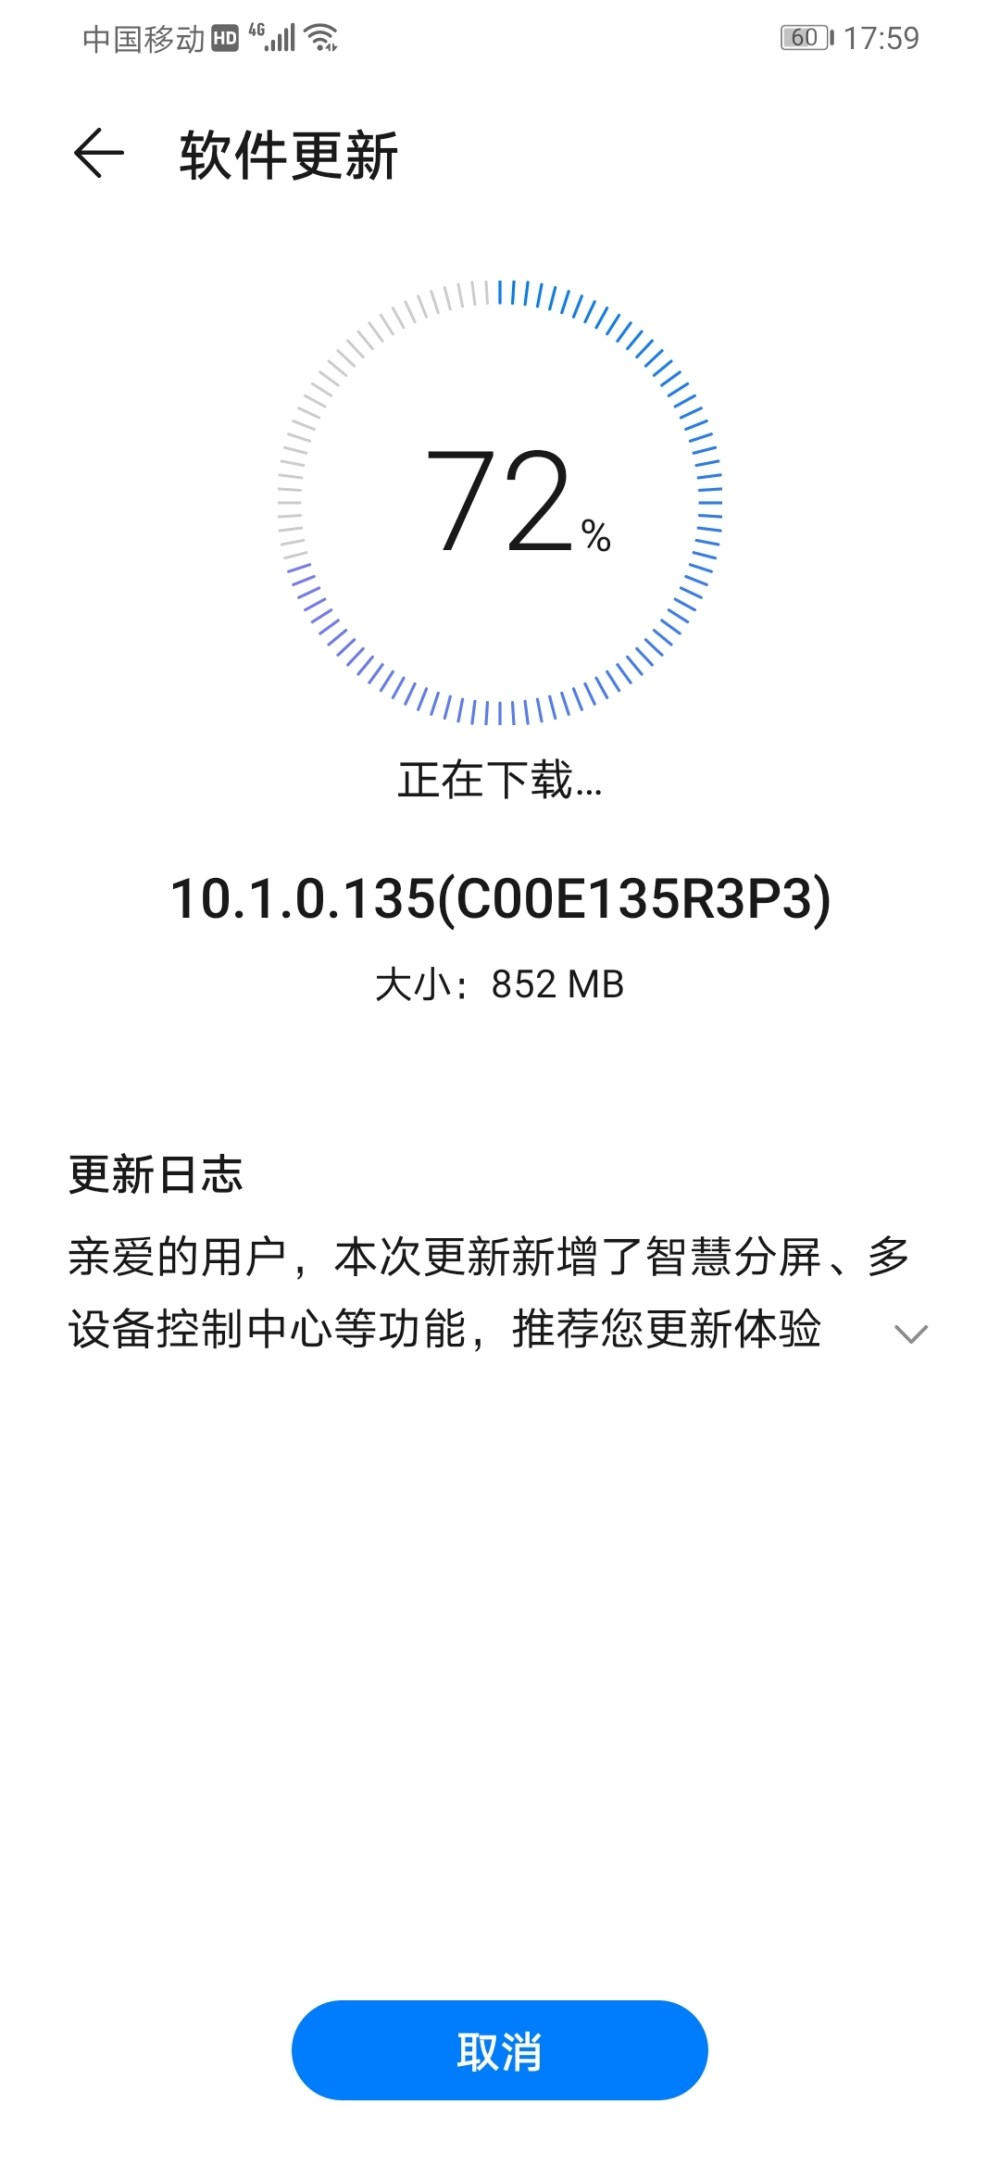 Huawei Nova 5 Pro 10.1.0.135